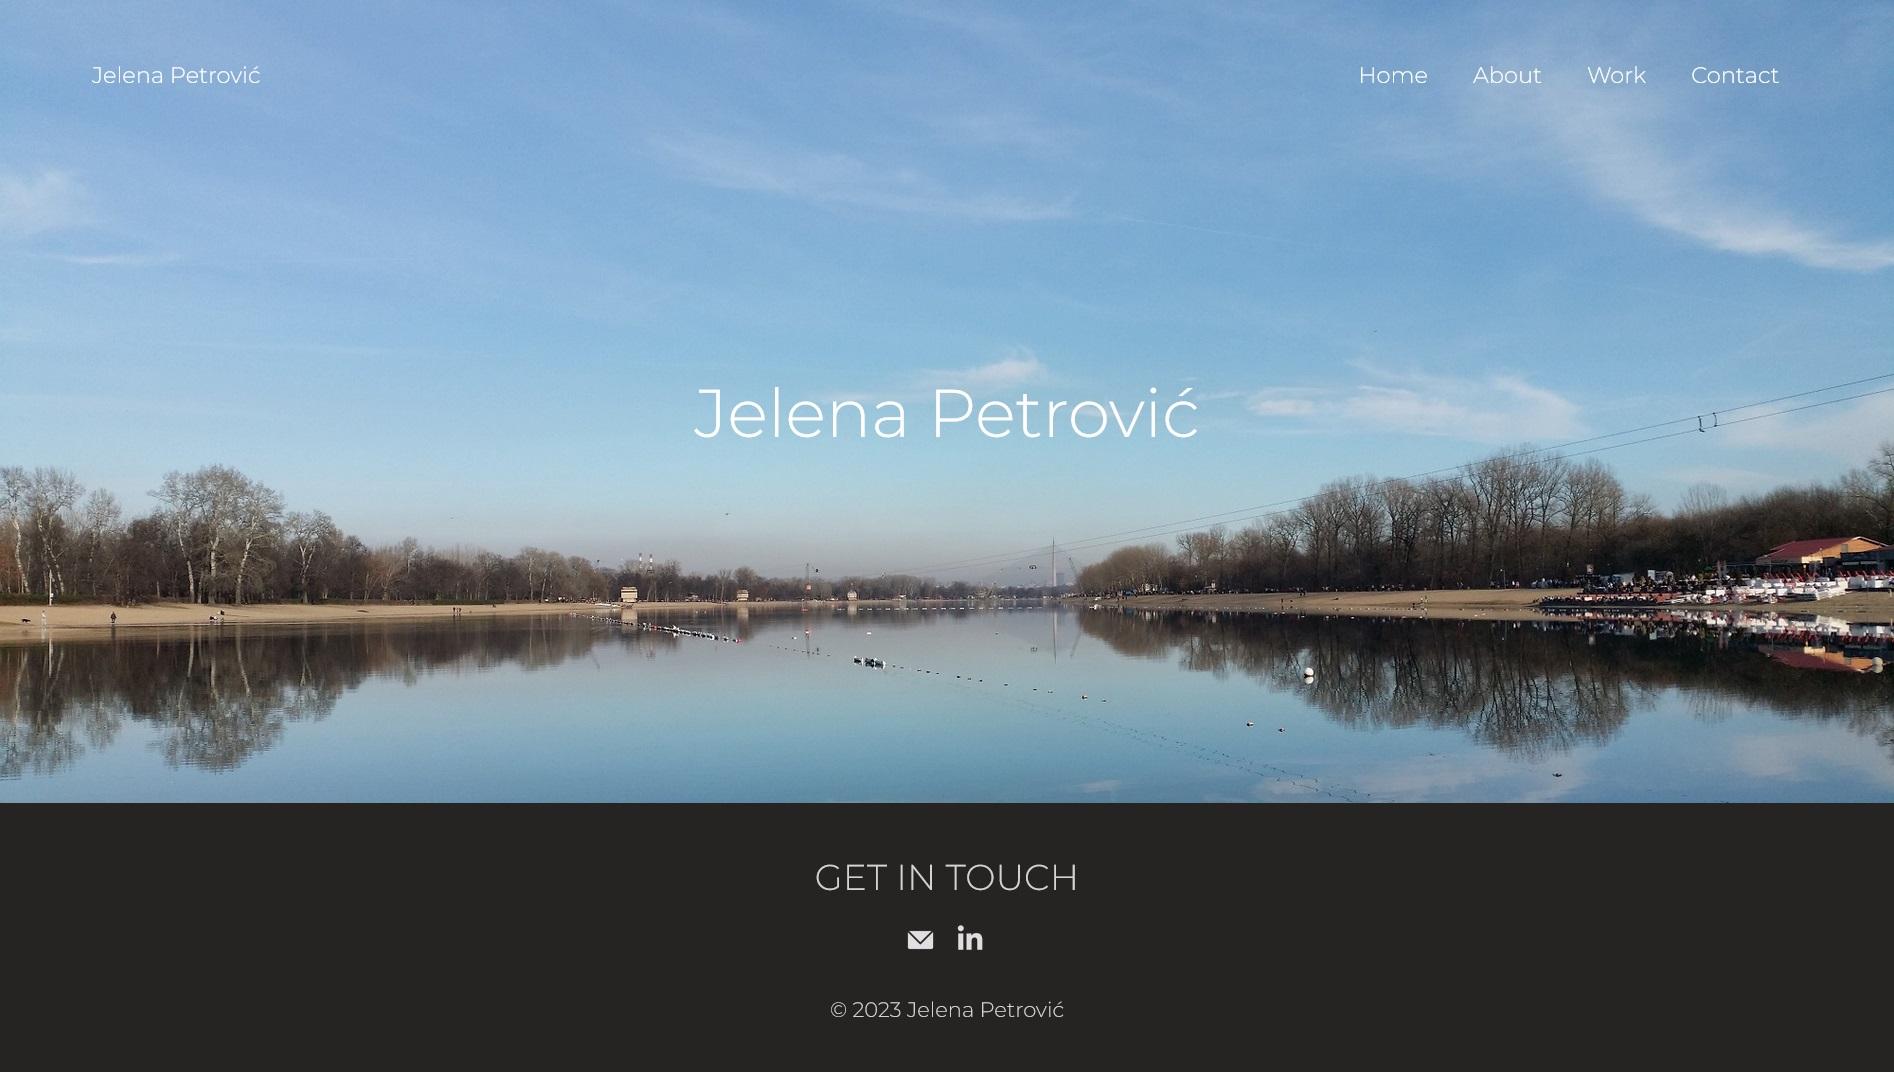 Jelena Rota - Web design and development for Jelena Petrovic